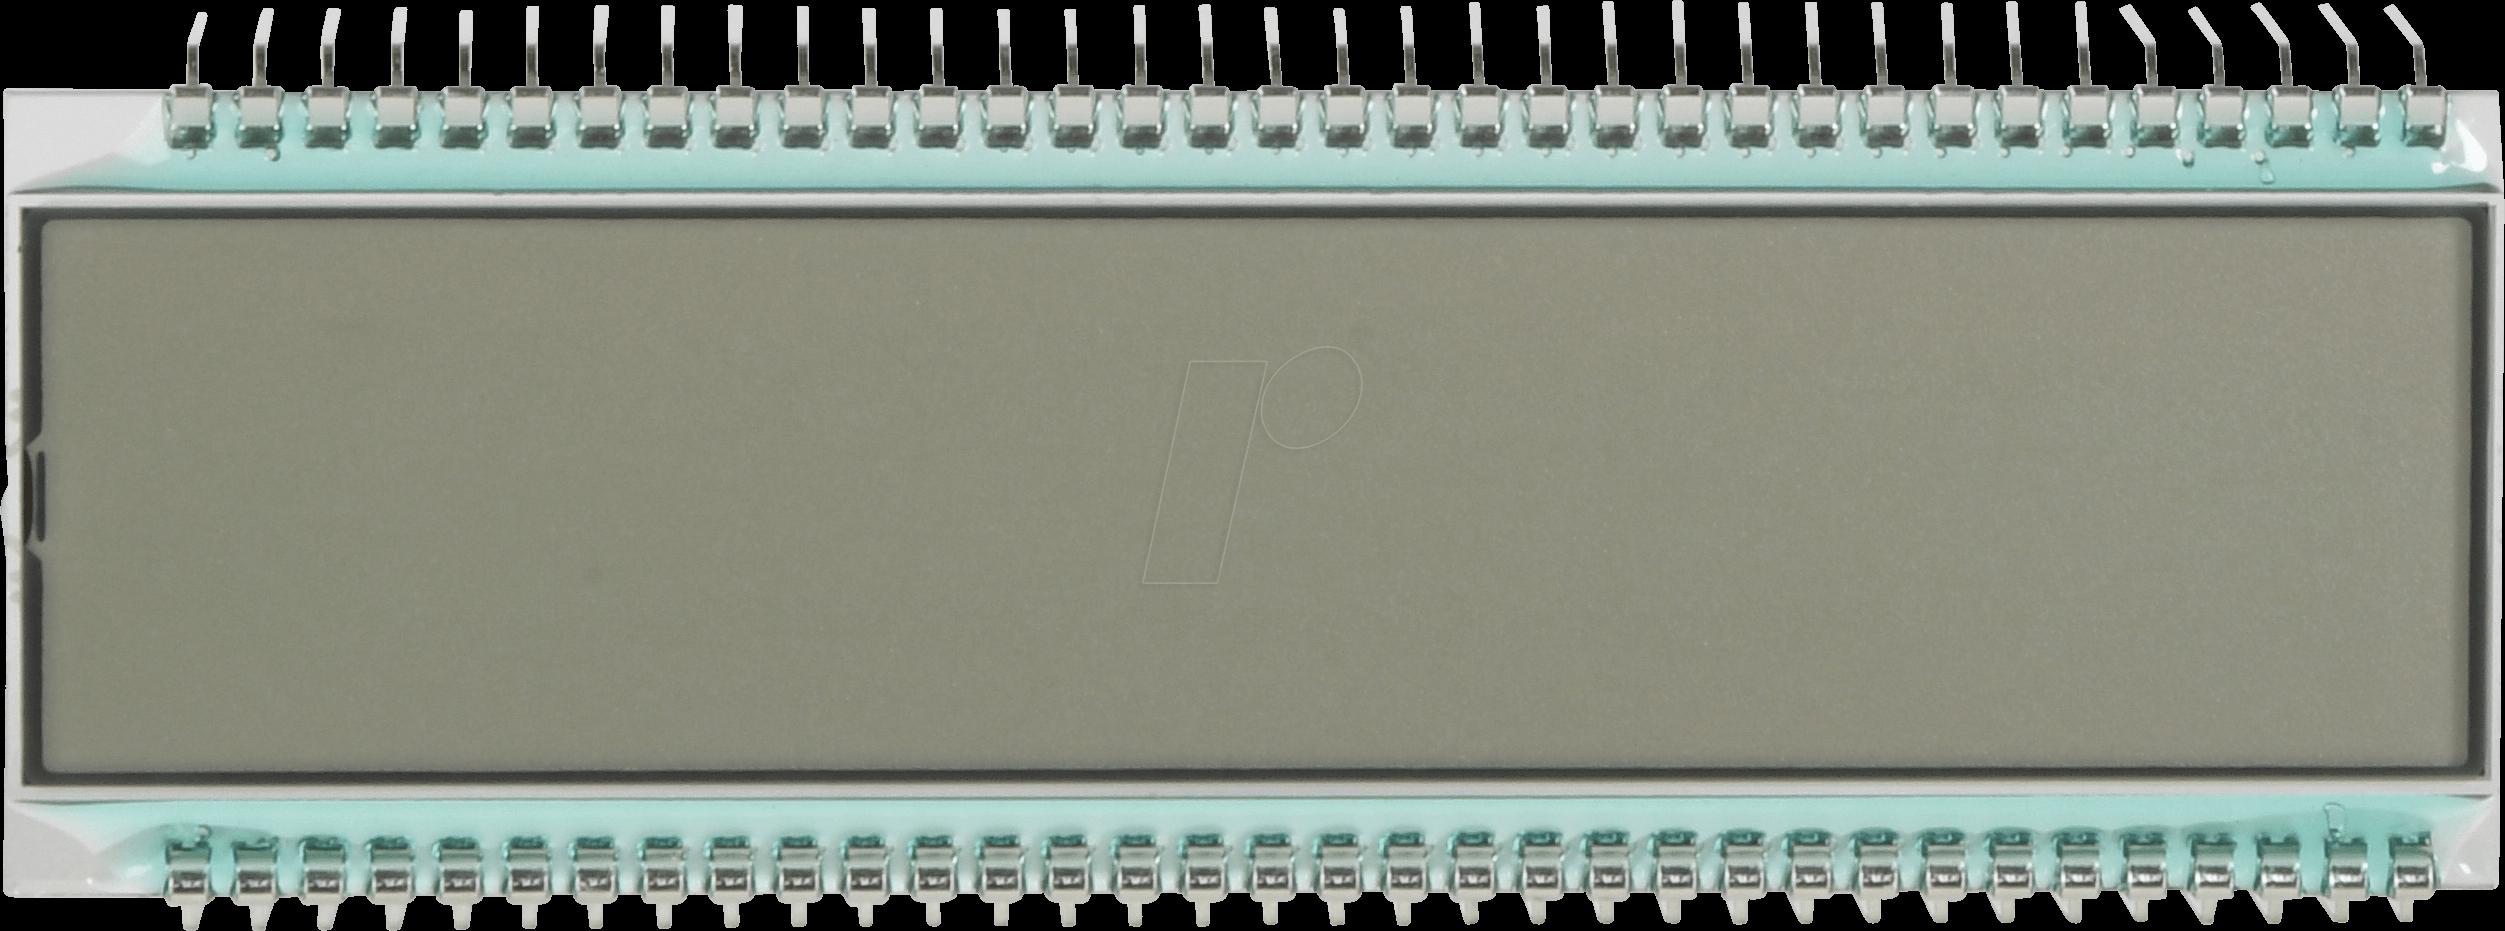 https://cdn-reichelt.de/bilder/web/xxl_ws/A500/LCD-7S_8-13_A.png